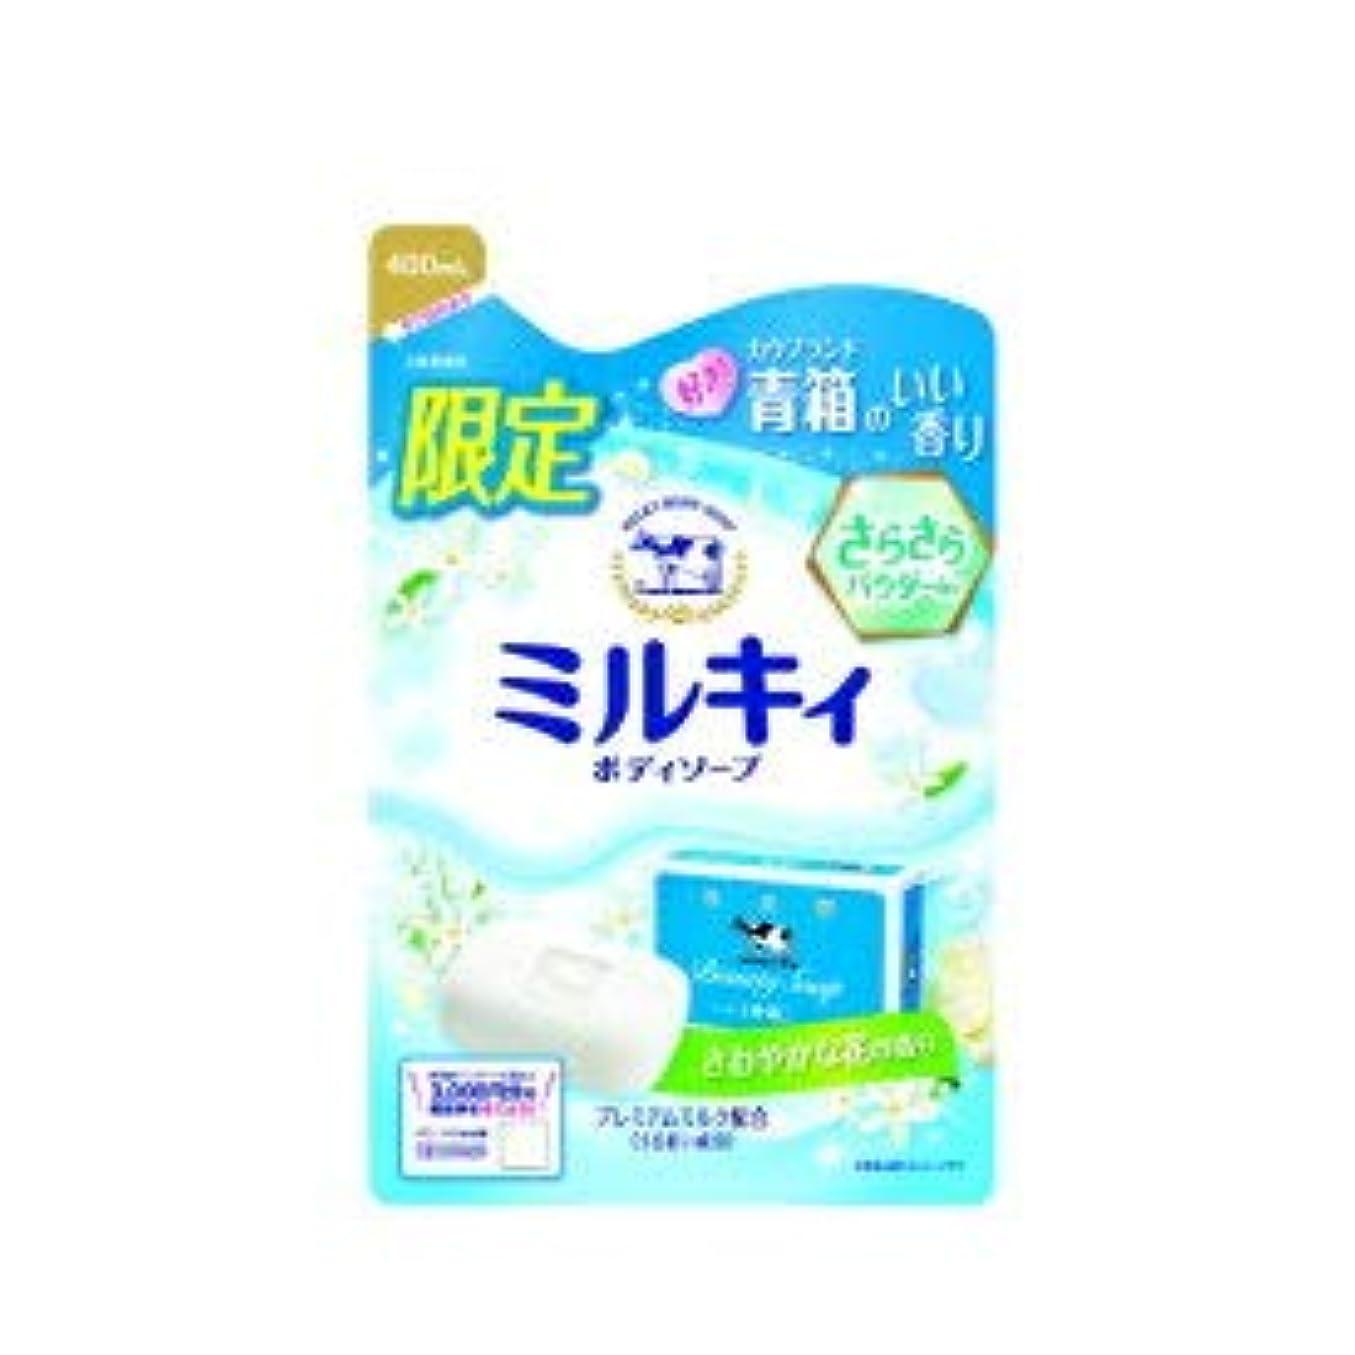 落ち着く公式ダウン【限定】ミルキィボディソープ 青箱の香り 詰替 400ml